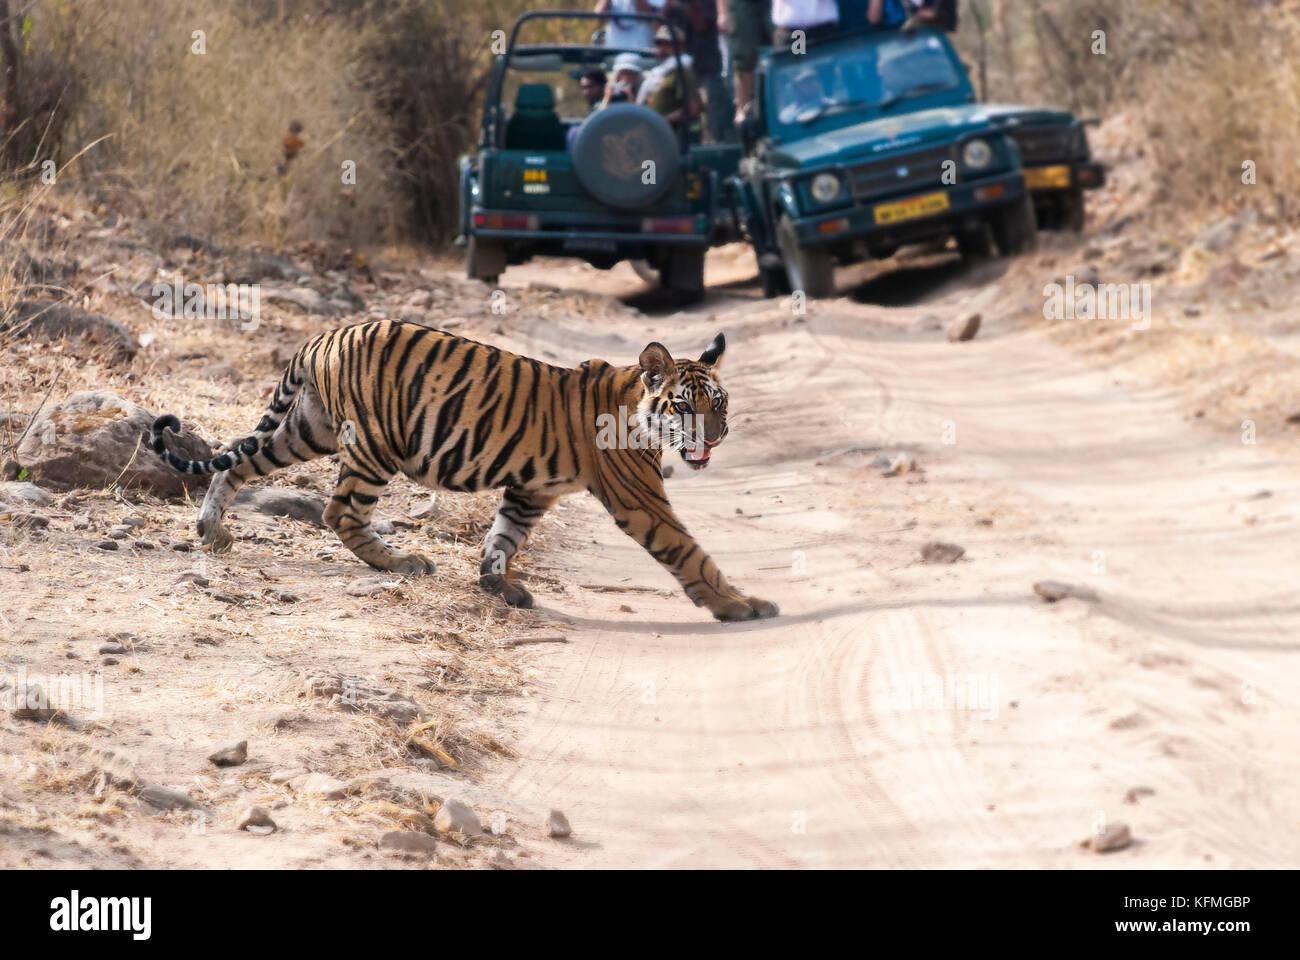 Tiger cub attraversando il safari via all'interno bandhavgarh national park in una calda giornata estiva Immagini Stock